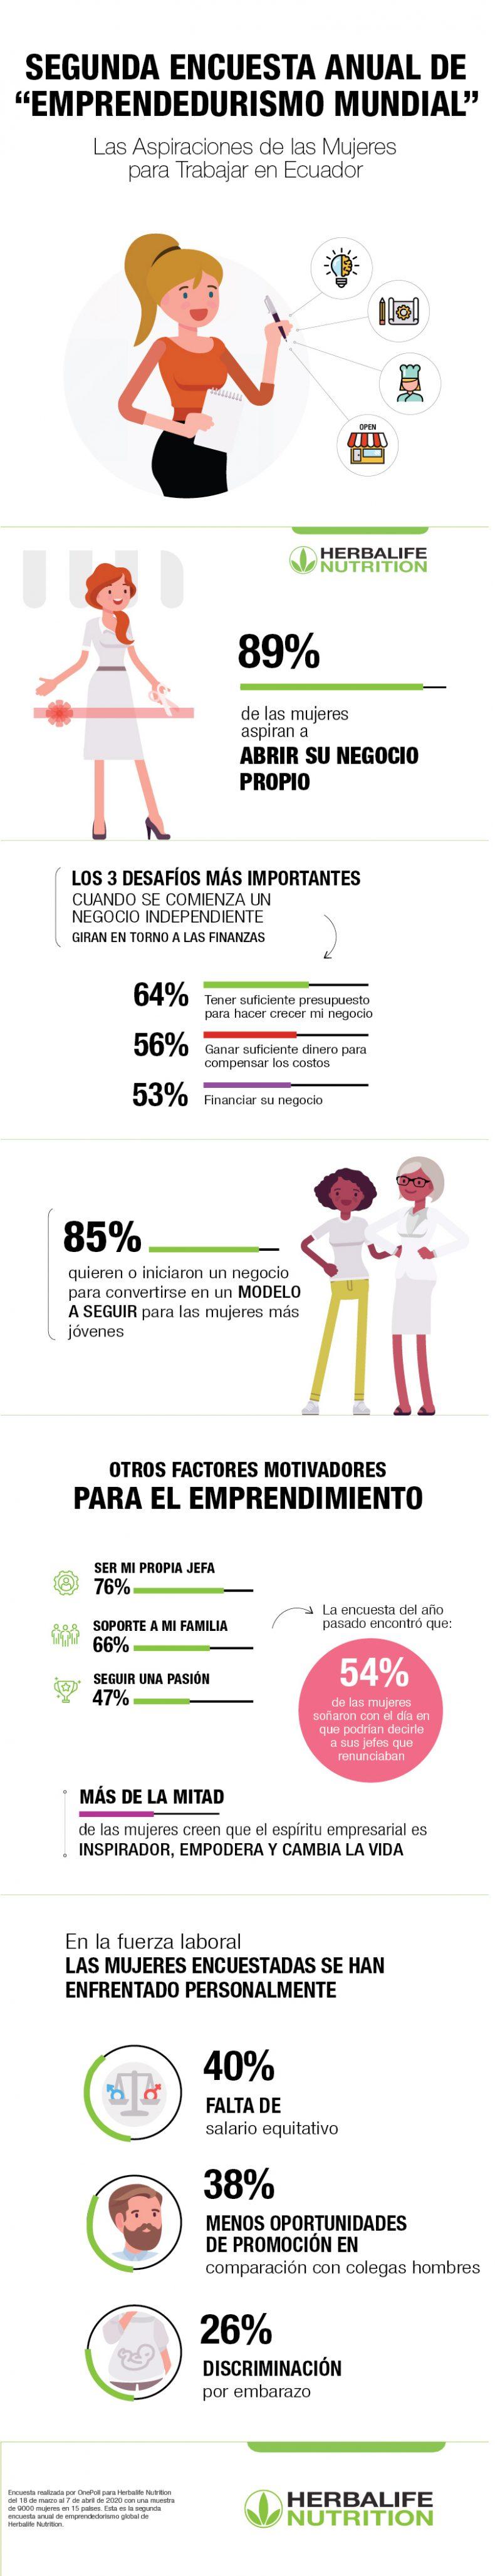 SEGÚN LA ENCUESTA GLOBAL SOBRE EMPRENDEDORAS MUJERES, MÁS DEL 72% ASPIRA TENER UN NEGOCIO PROPIO